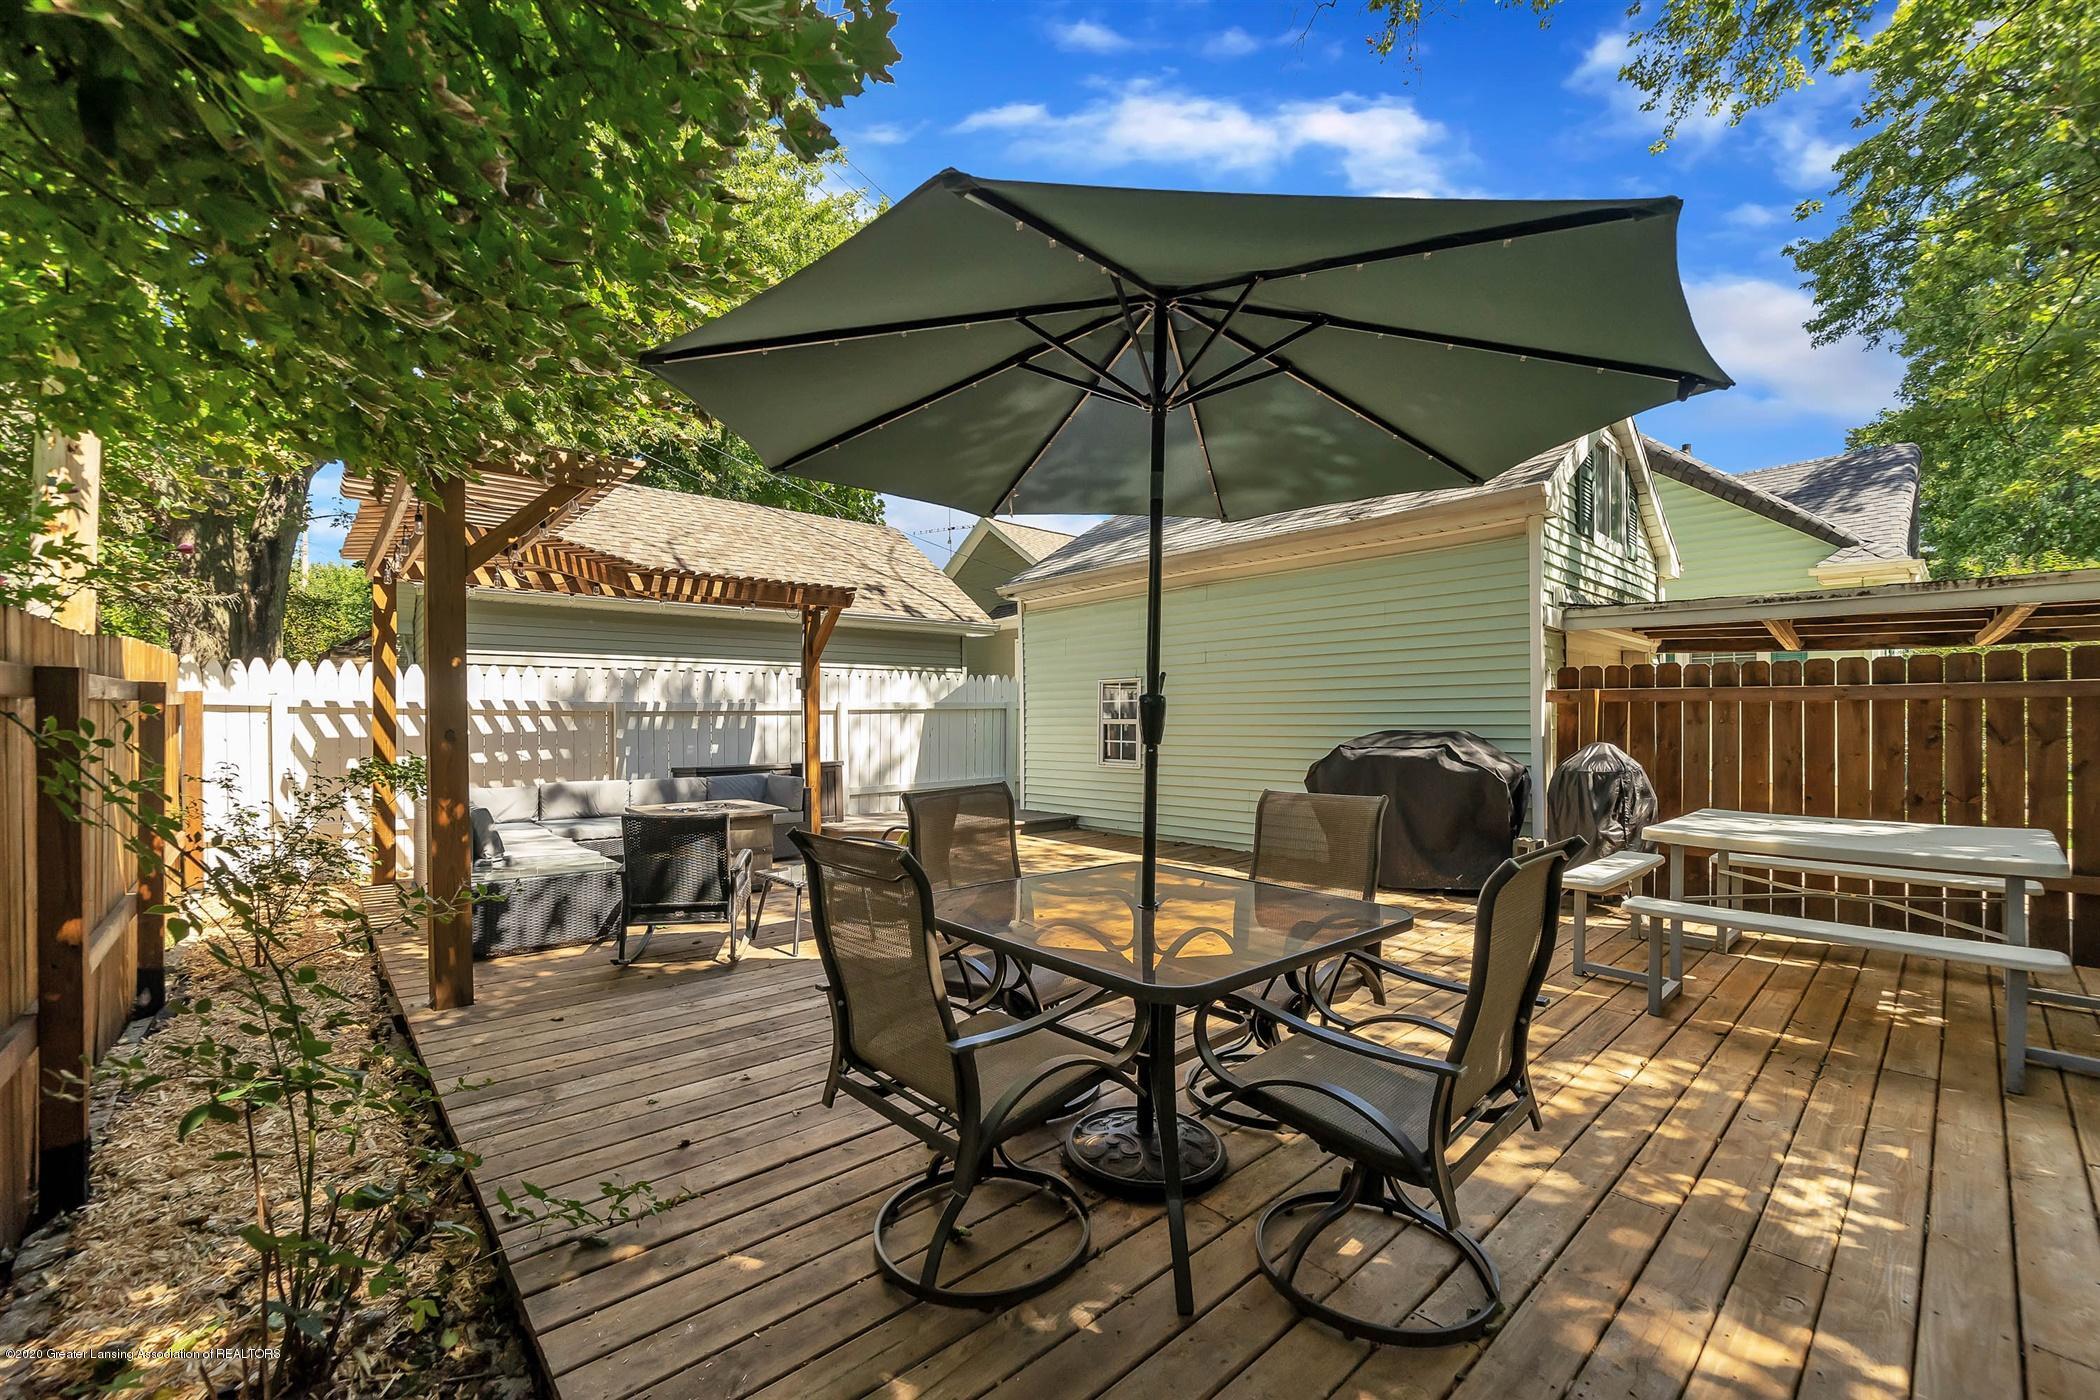 2032 Clifton Ave - (25) EXTERIOR Deck Area - 26